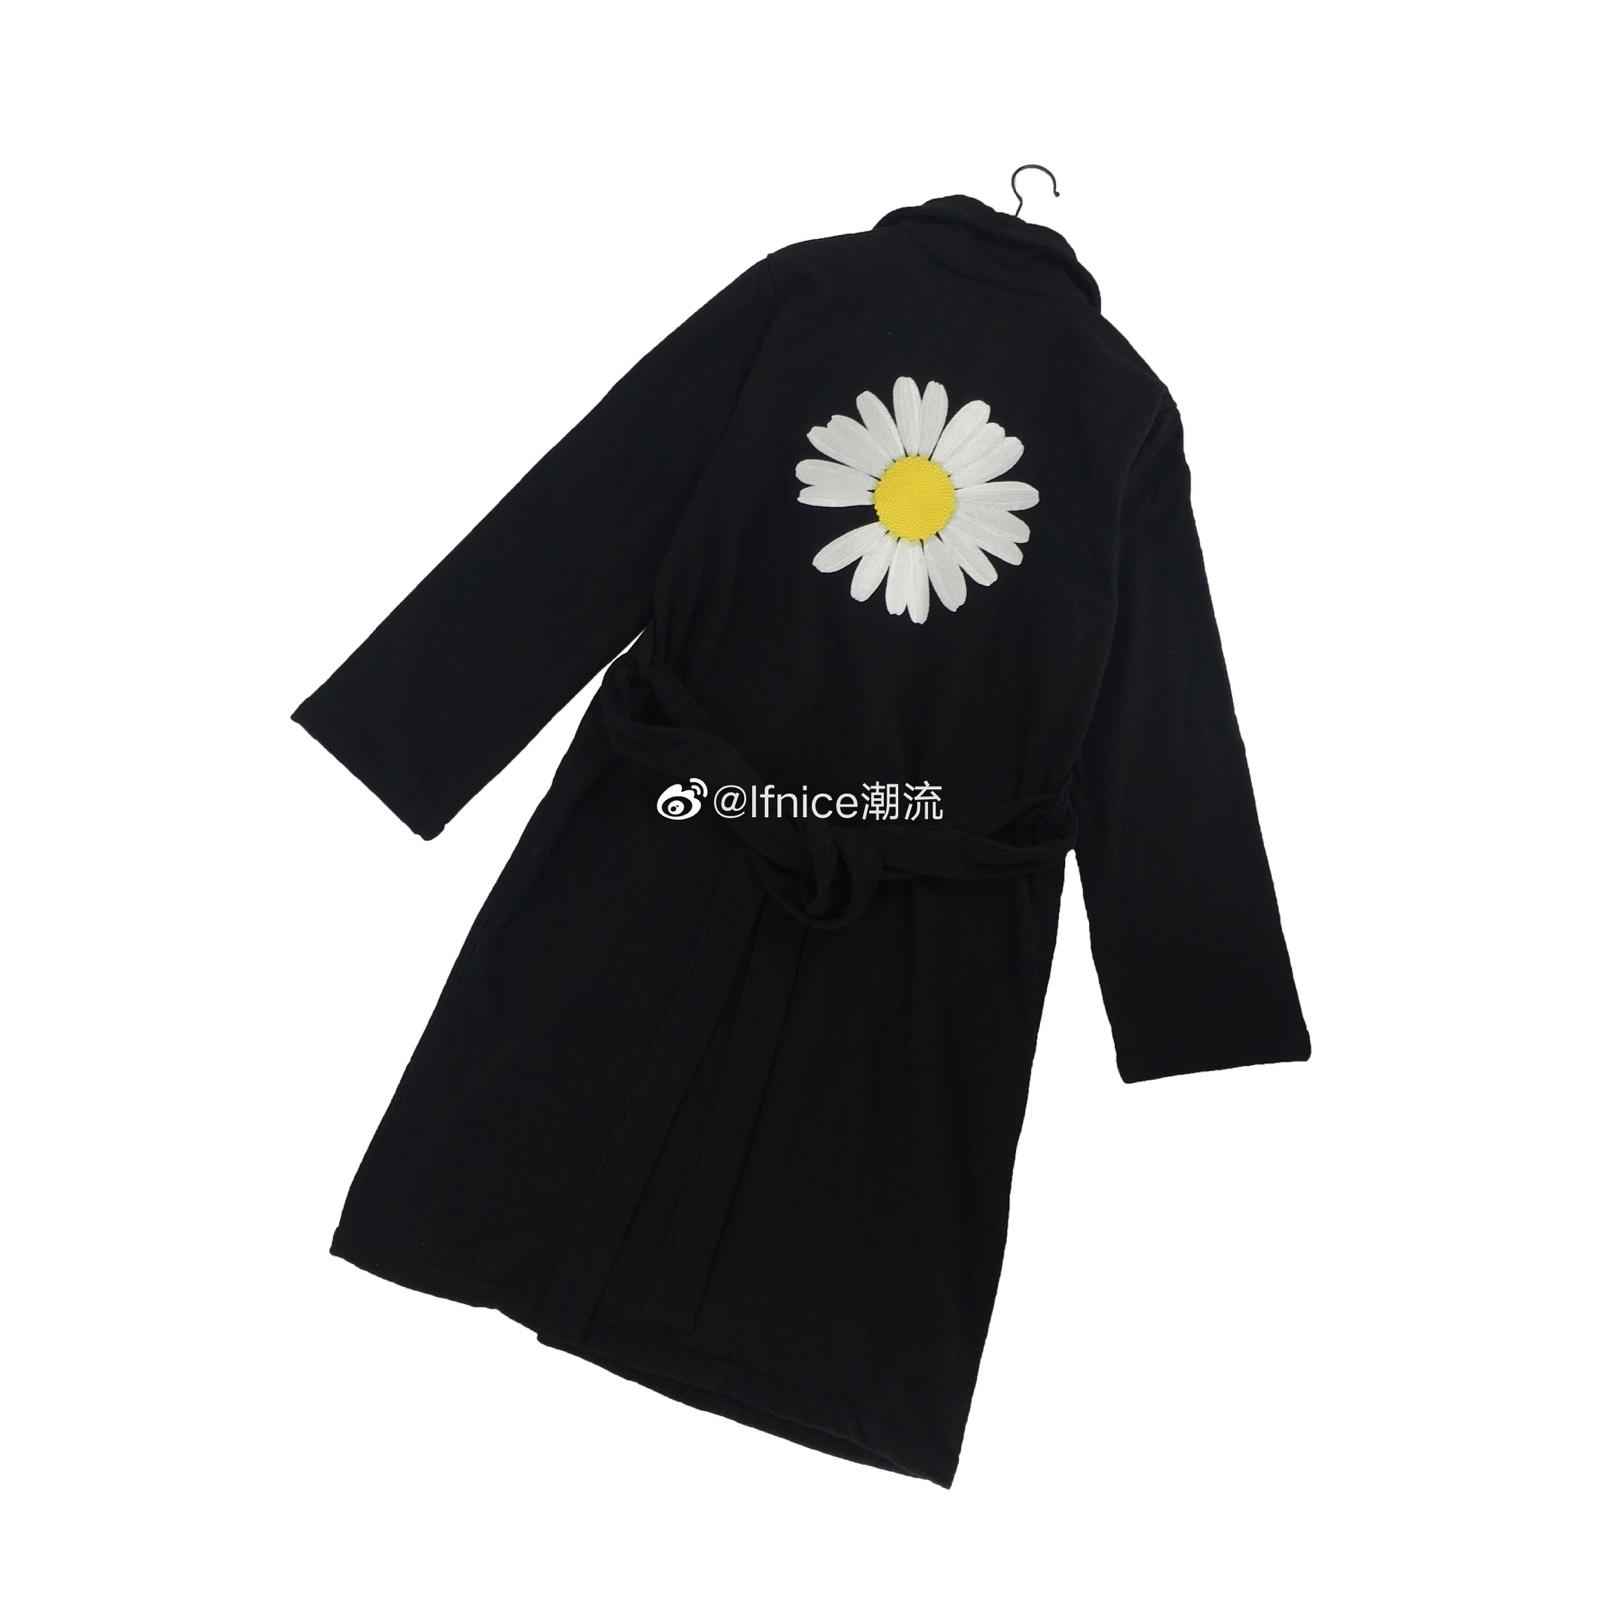 【现货】Peaceminusone PMO 限定 背后刺绣菊花 黑色 浴袍 正品